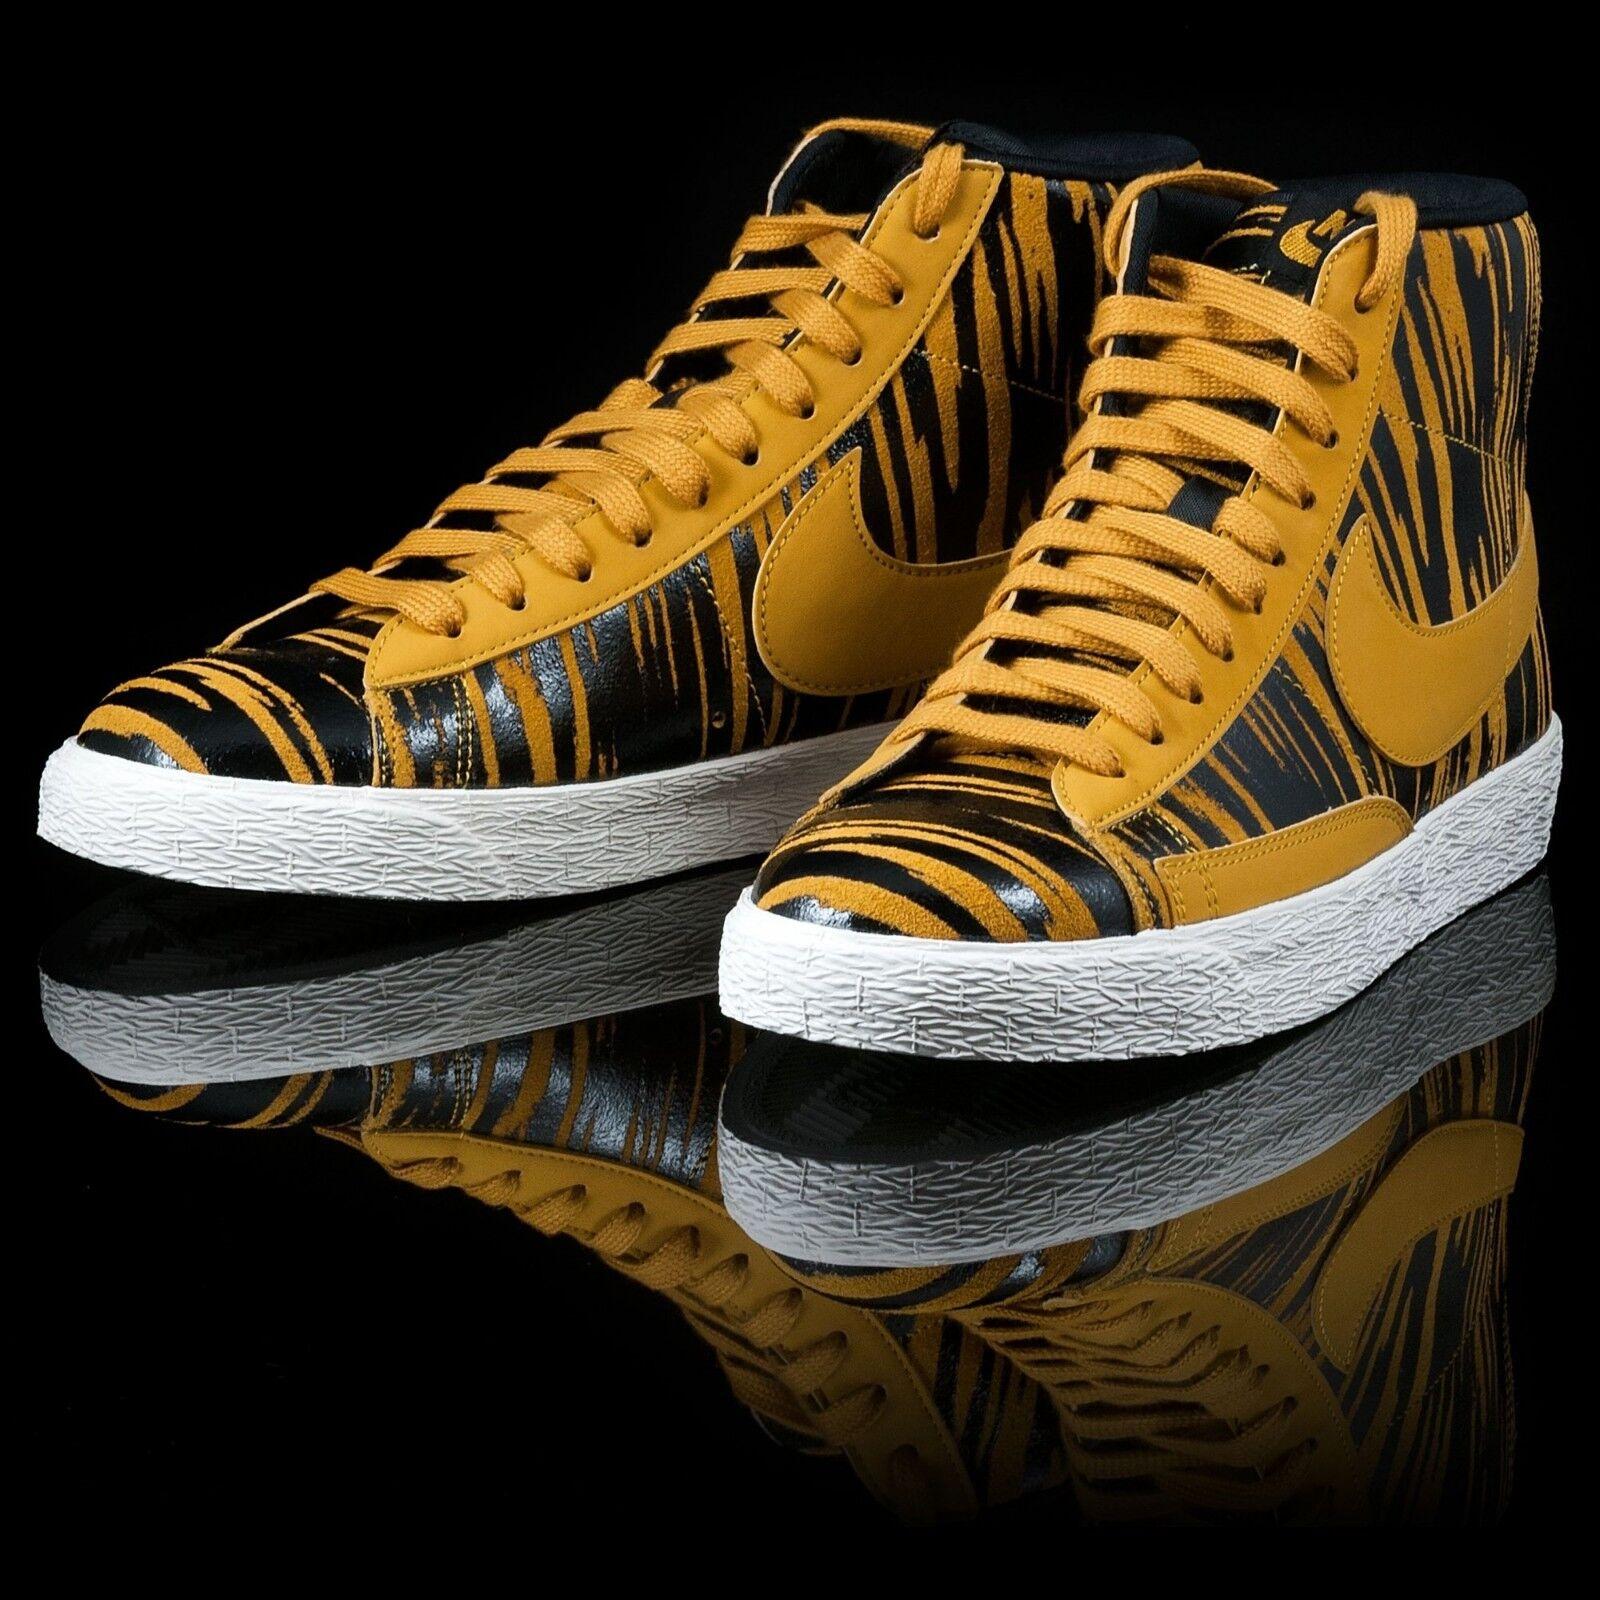 Para mujer Nike Blazer Vintage De Gamuza Vintage Blazer EE. UU. 586304-700 Nuevo Ds 556522